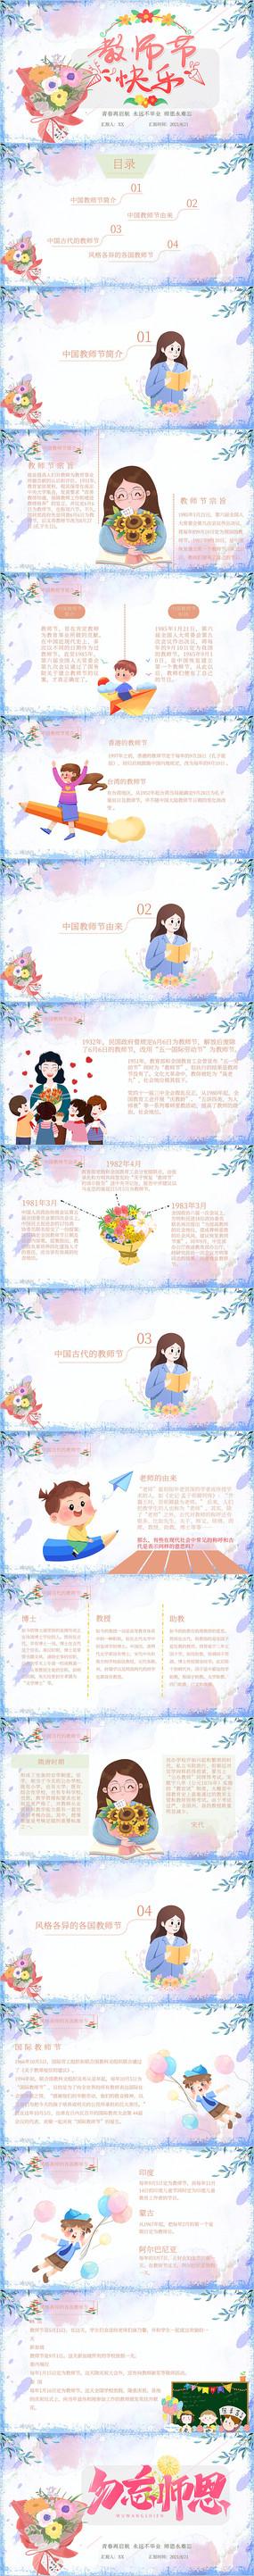 小清新水彩教师节ppt模板 pptx